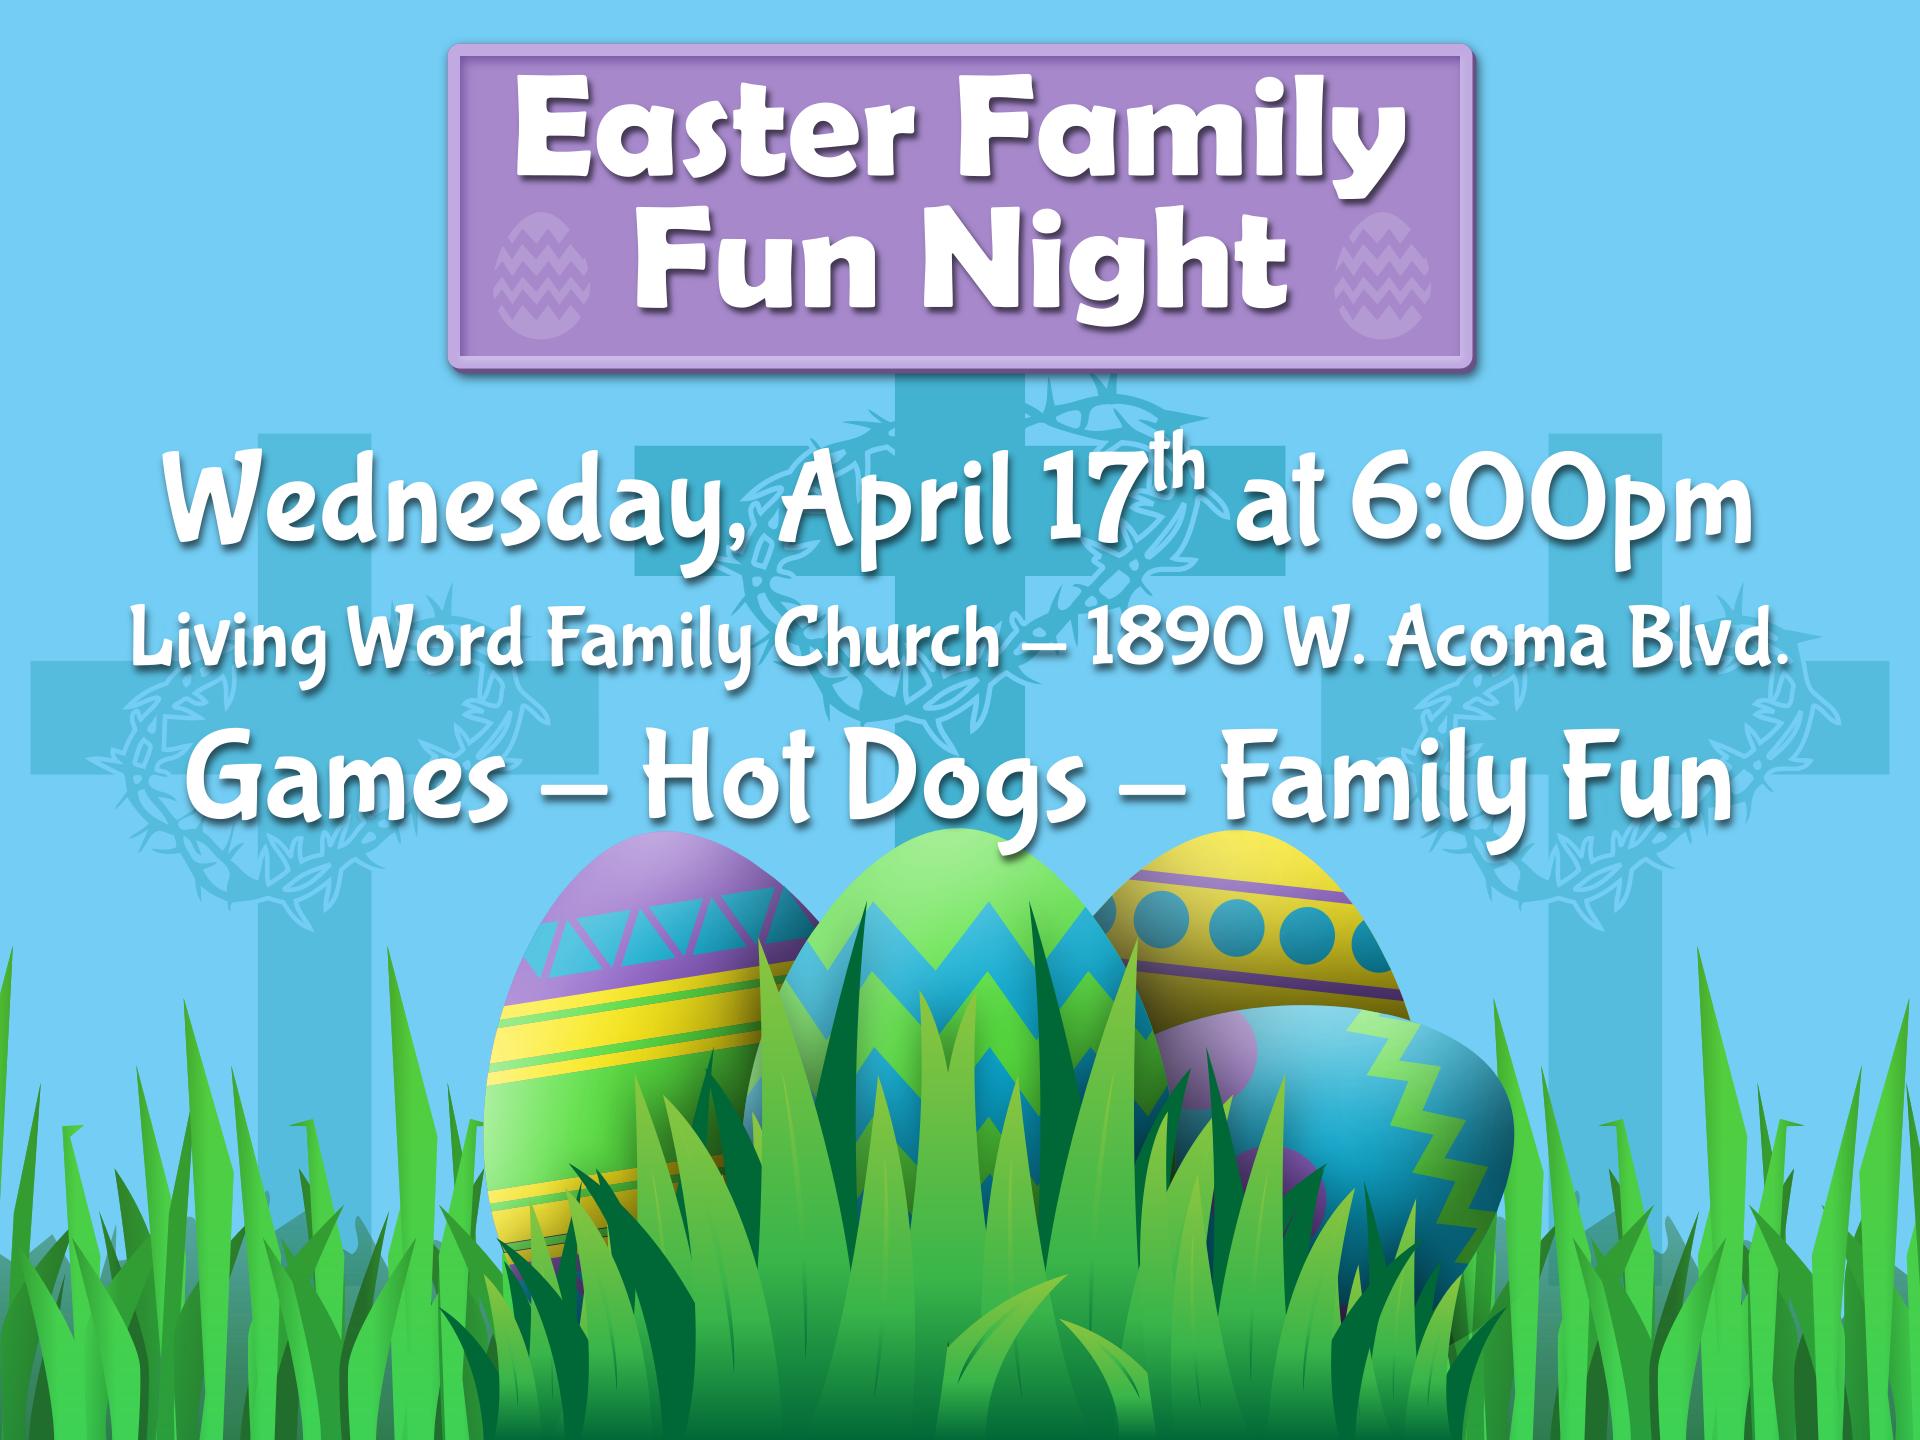 Easter Family Fun Night!